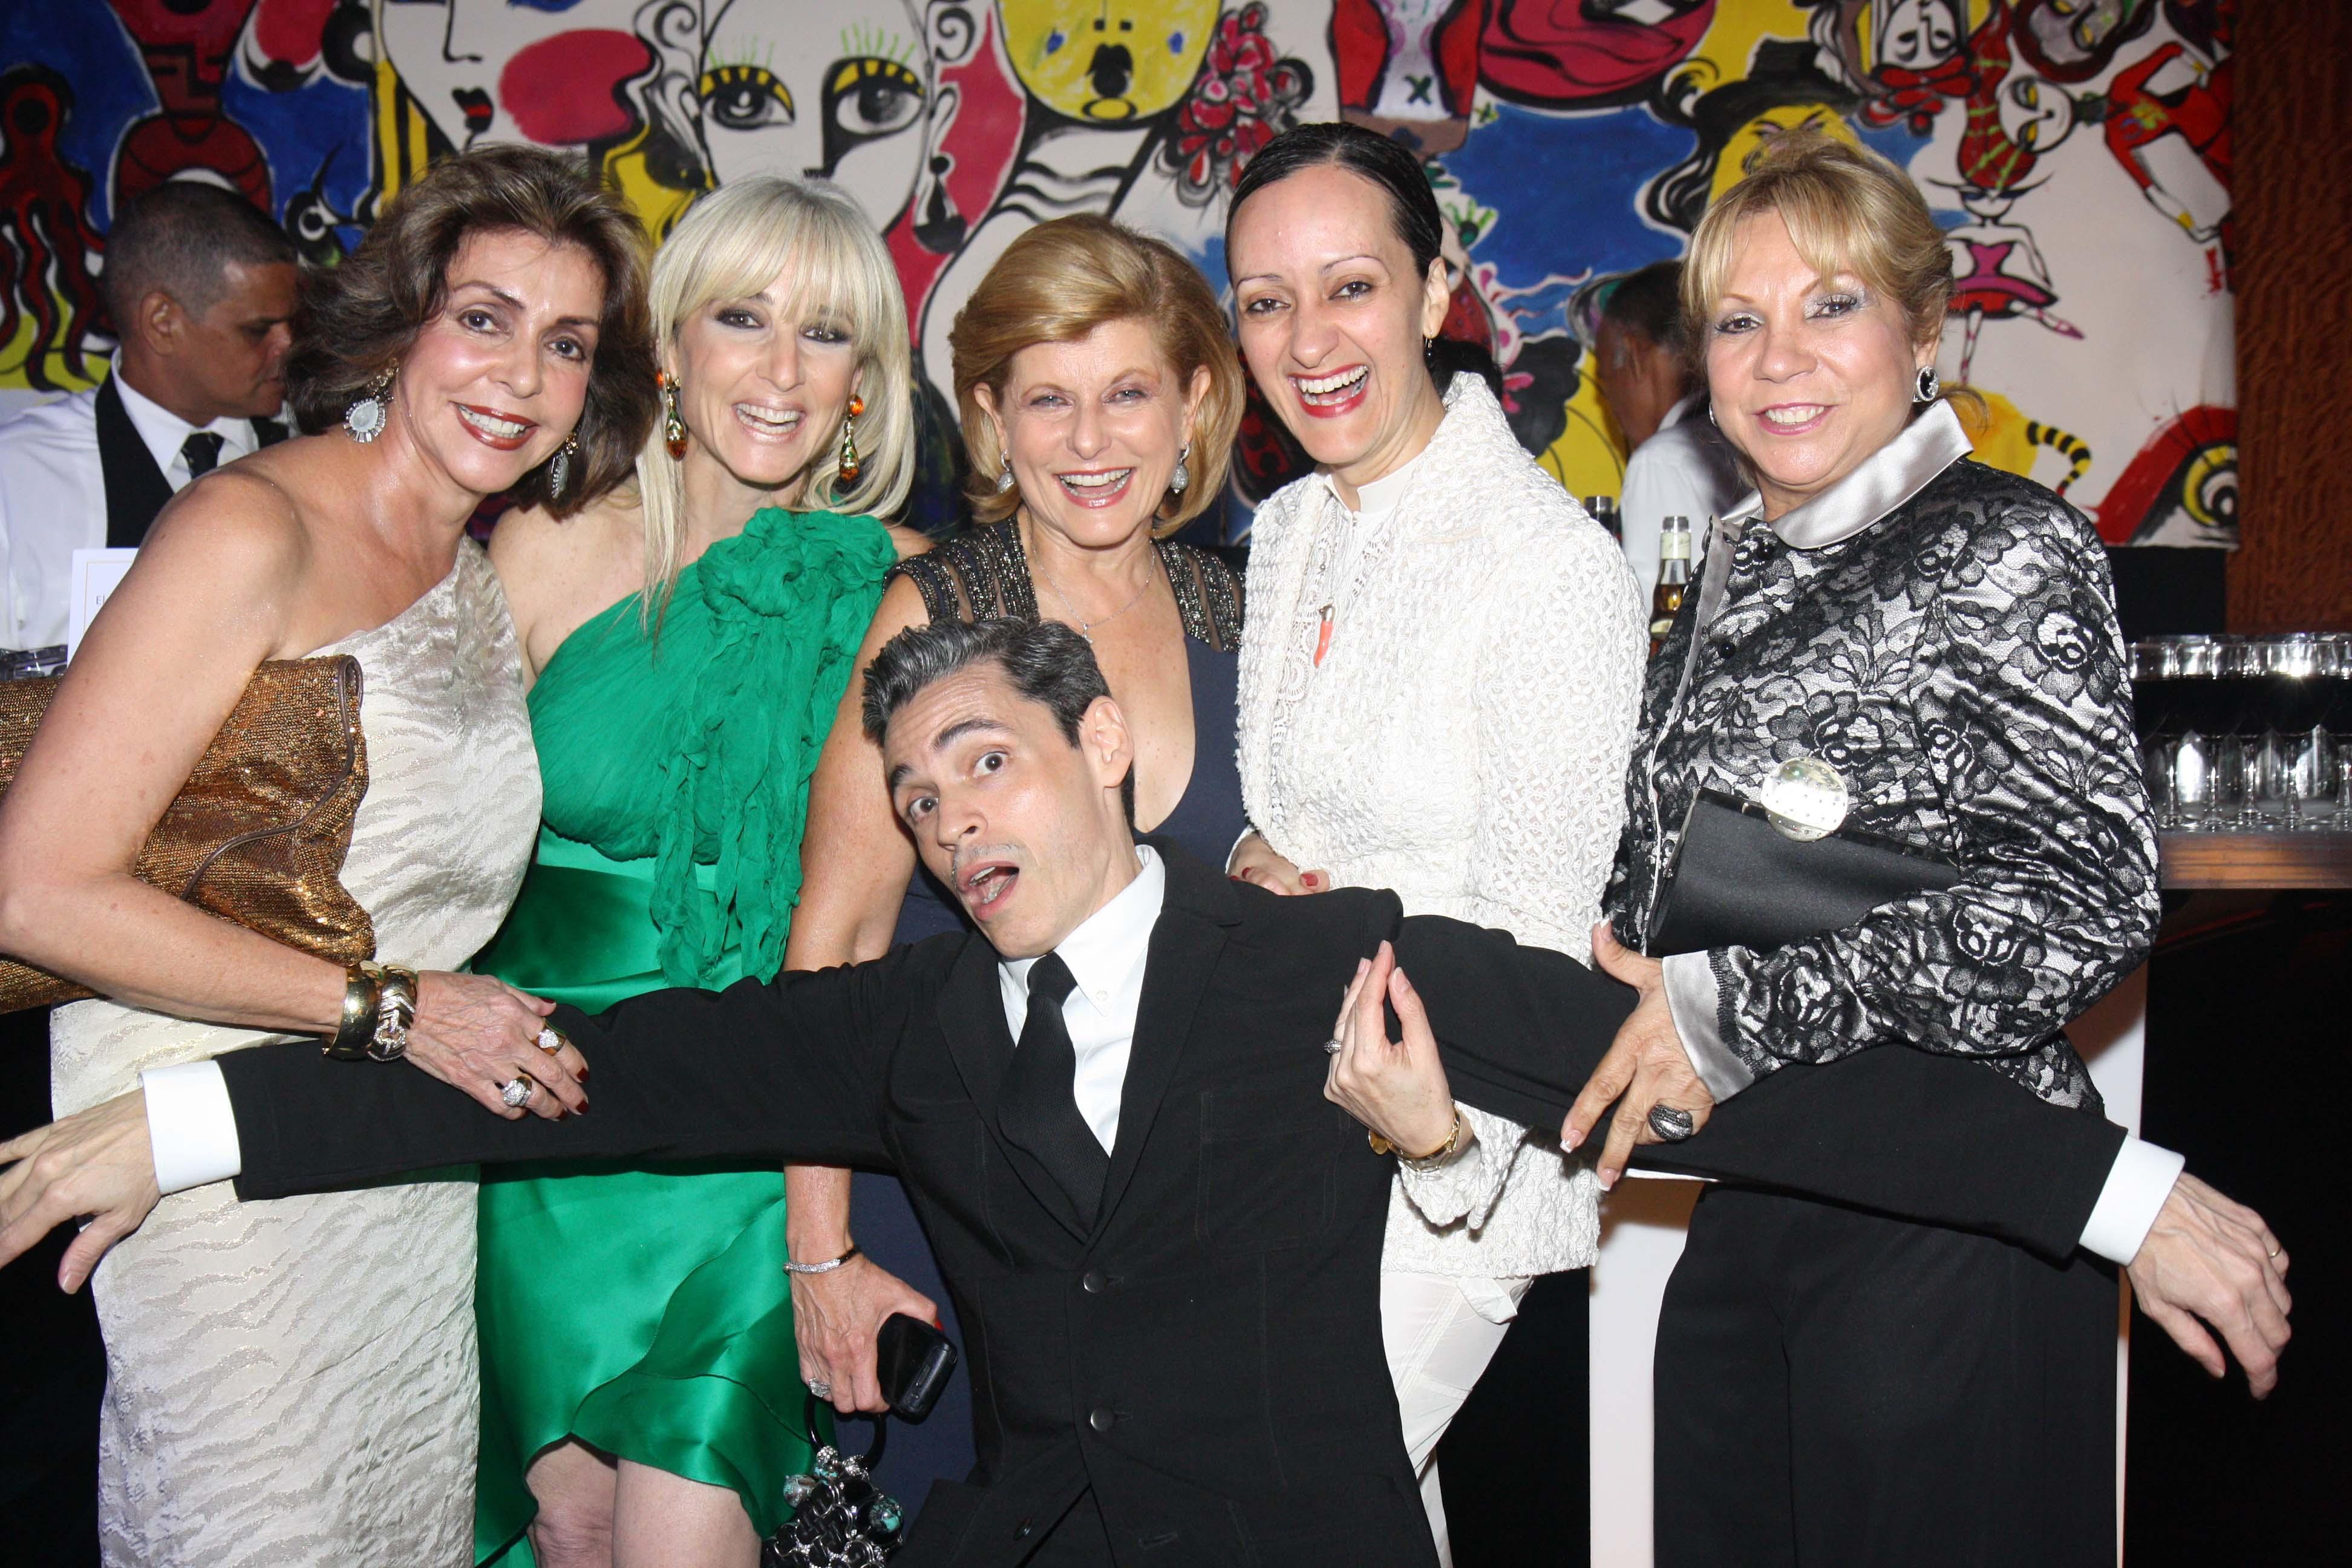 Haciendo gala de su sentido del humor, Ruben Toledo se lanza -ante el lente de Magacín- sobre Marisita Cortés, Mercy Short, Zoila Levis, Isabel Toledo y Aidita Gnocchi, en la inauguración de la exhibición de su esposa. (Foto Archivo GFR Media)